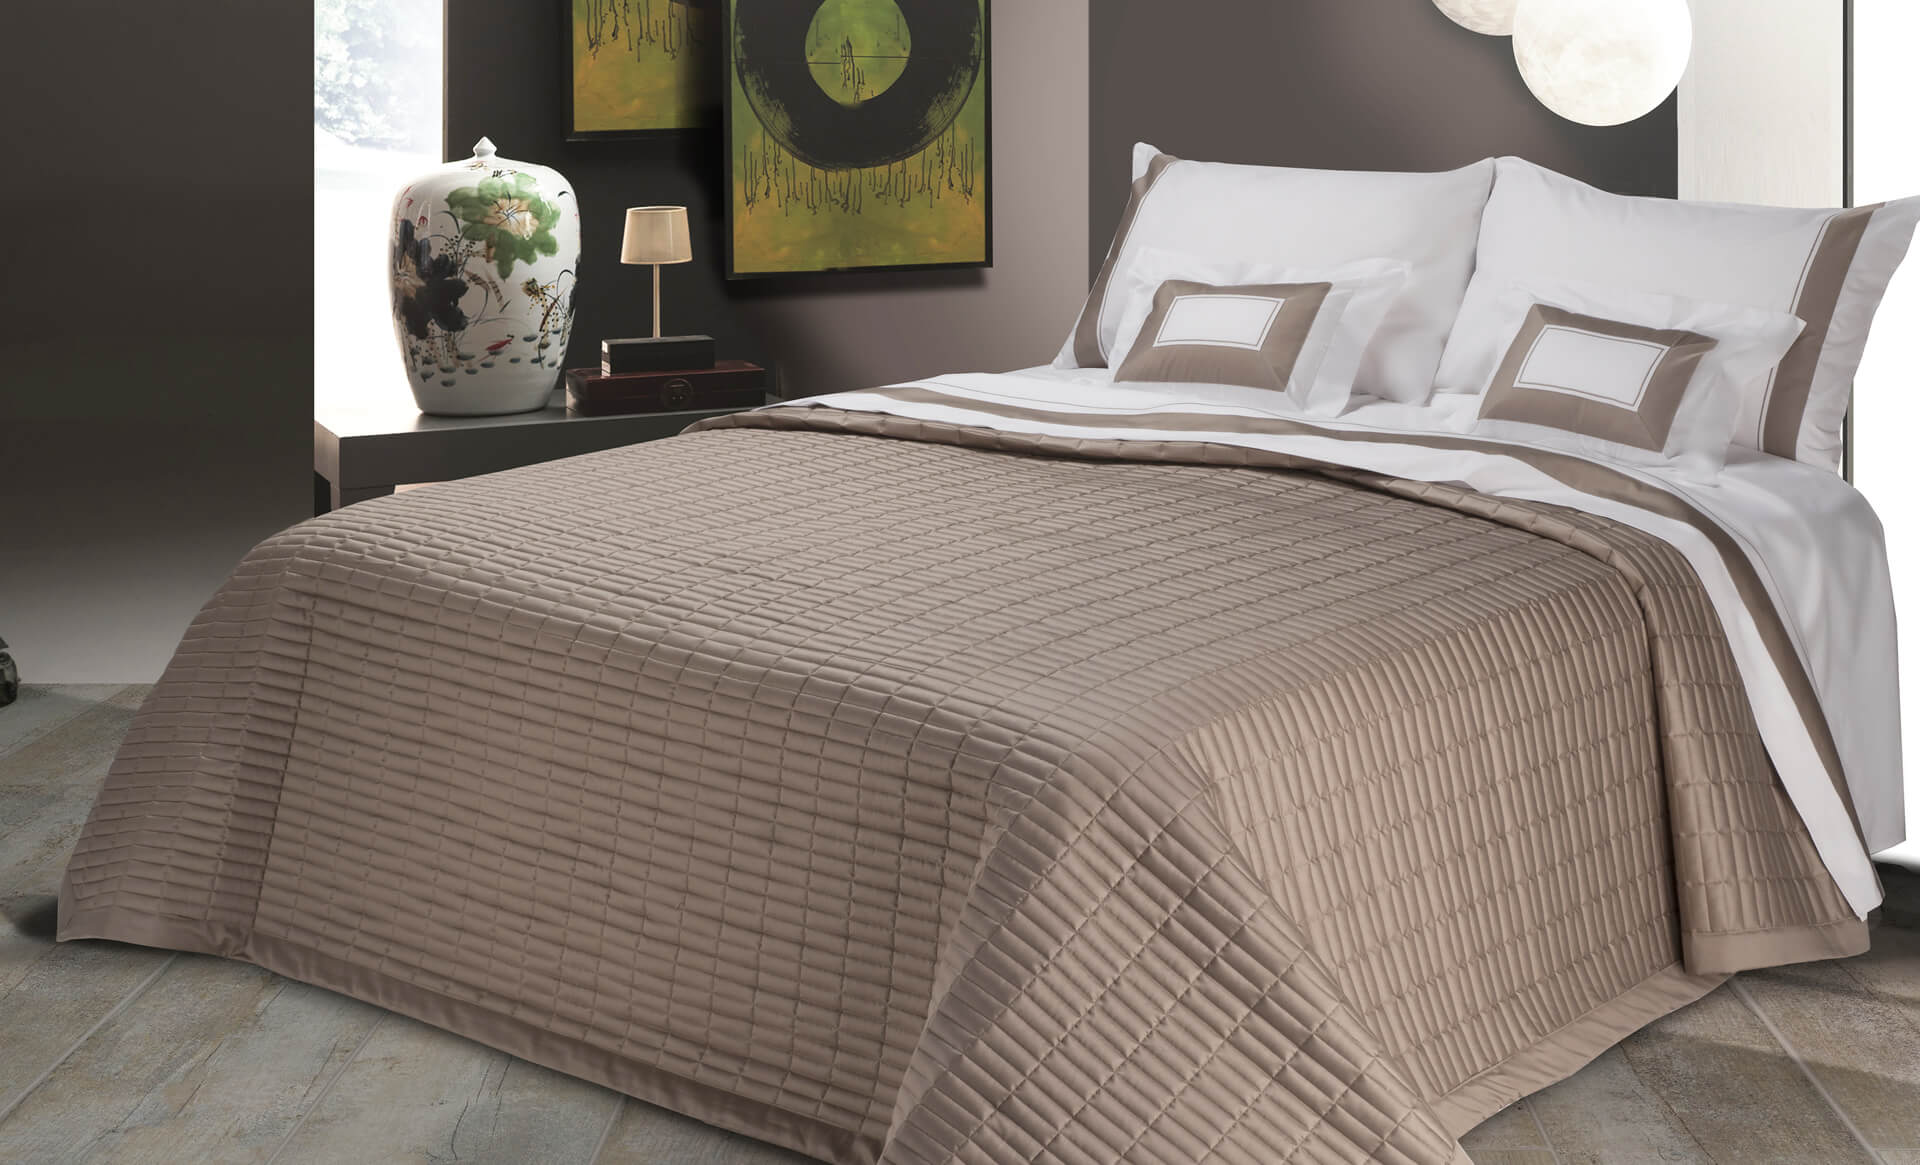 Produzione biancheria da letto quarrata pistoia lavorazione vendita biancheria per la camera - Biancheria da letto ...